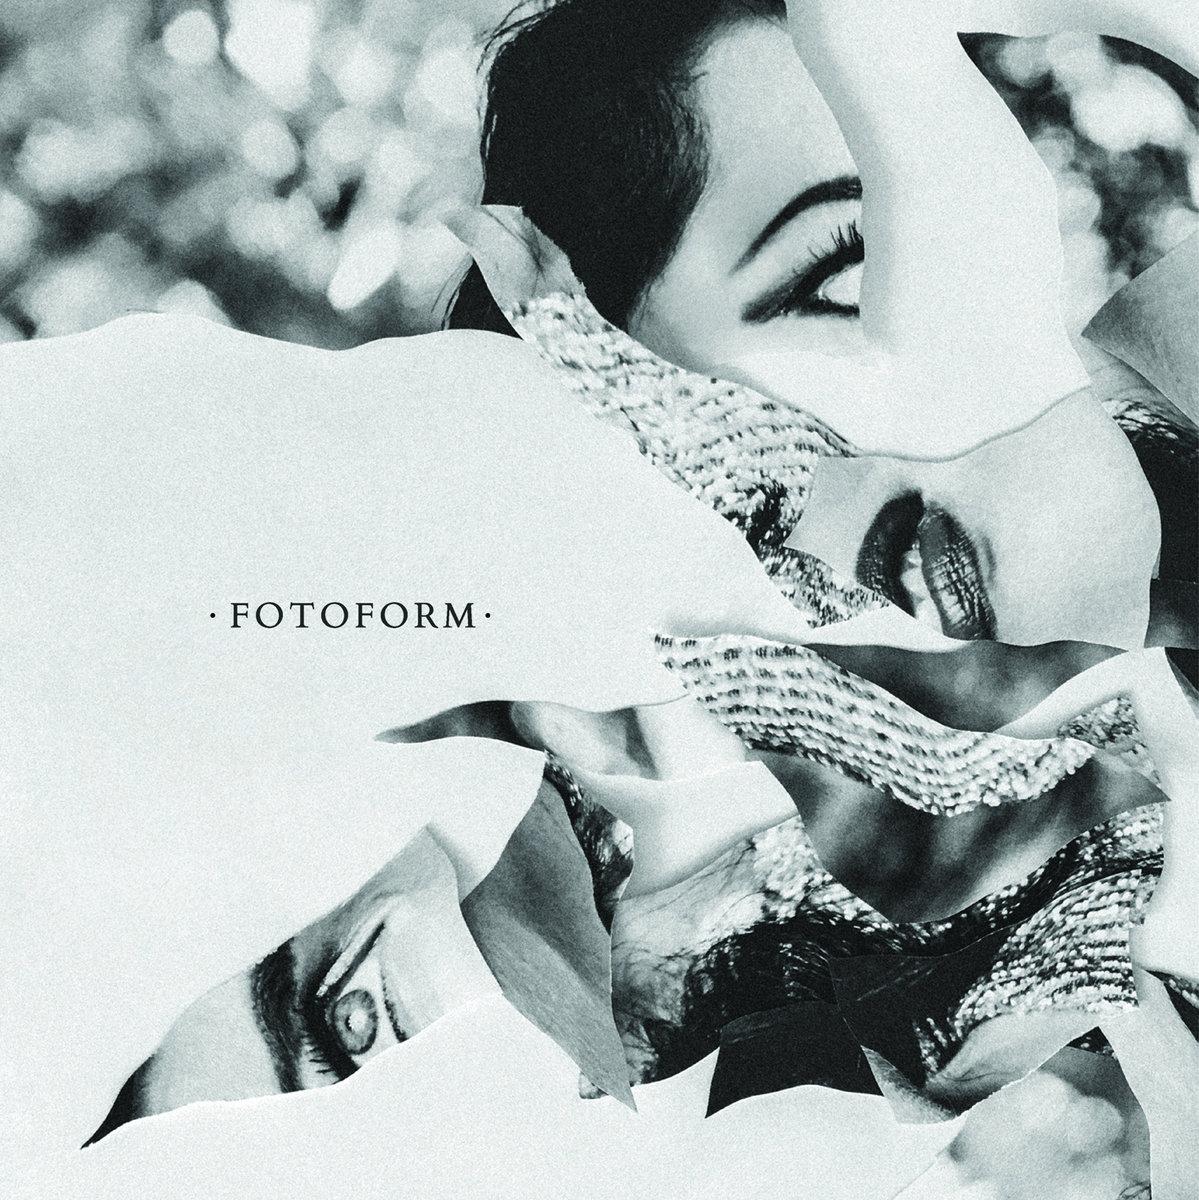 Fotoform - Mixing